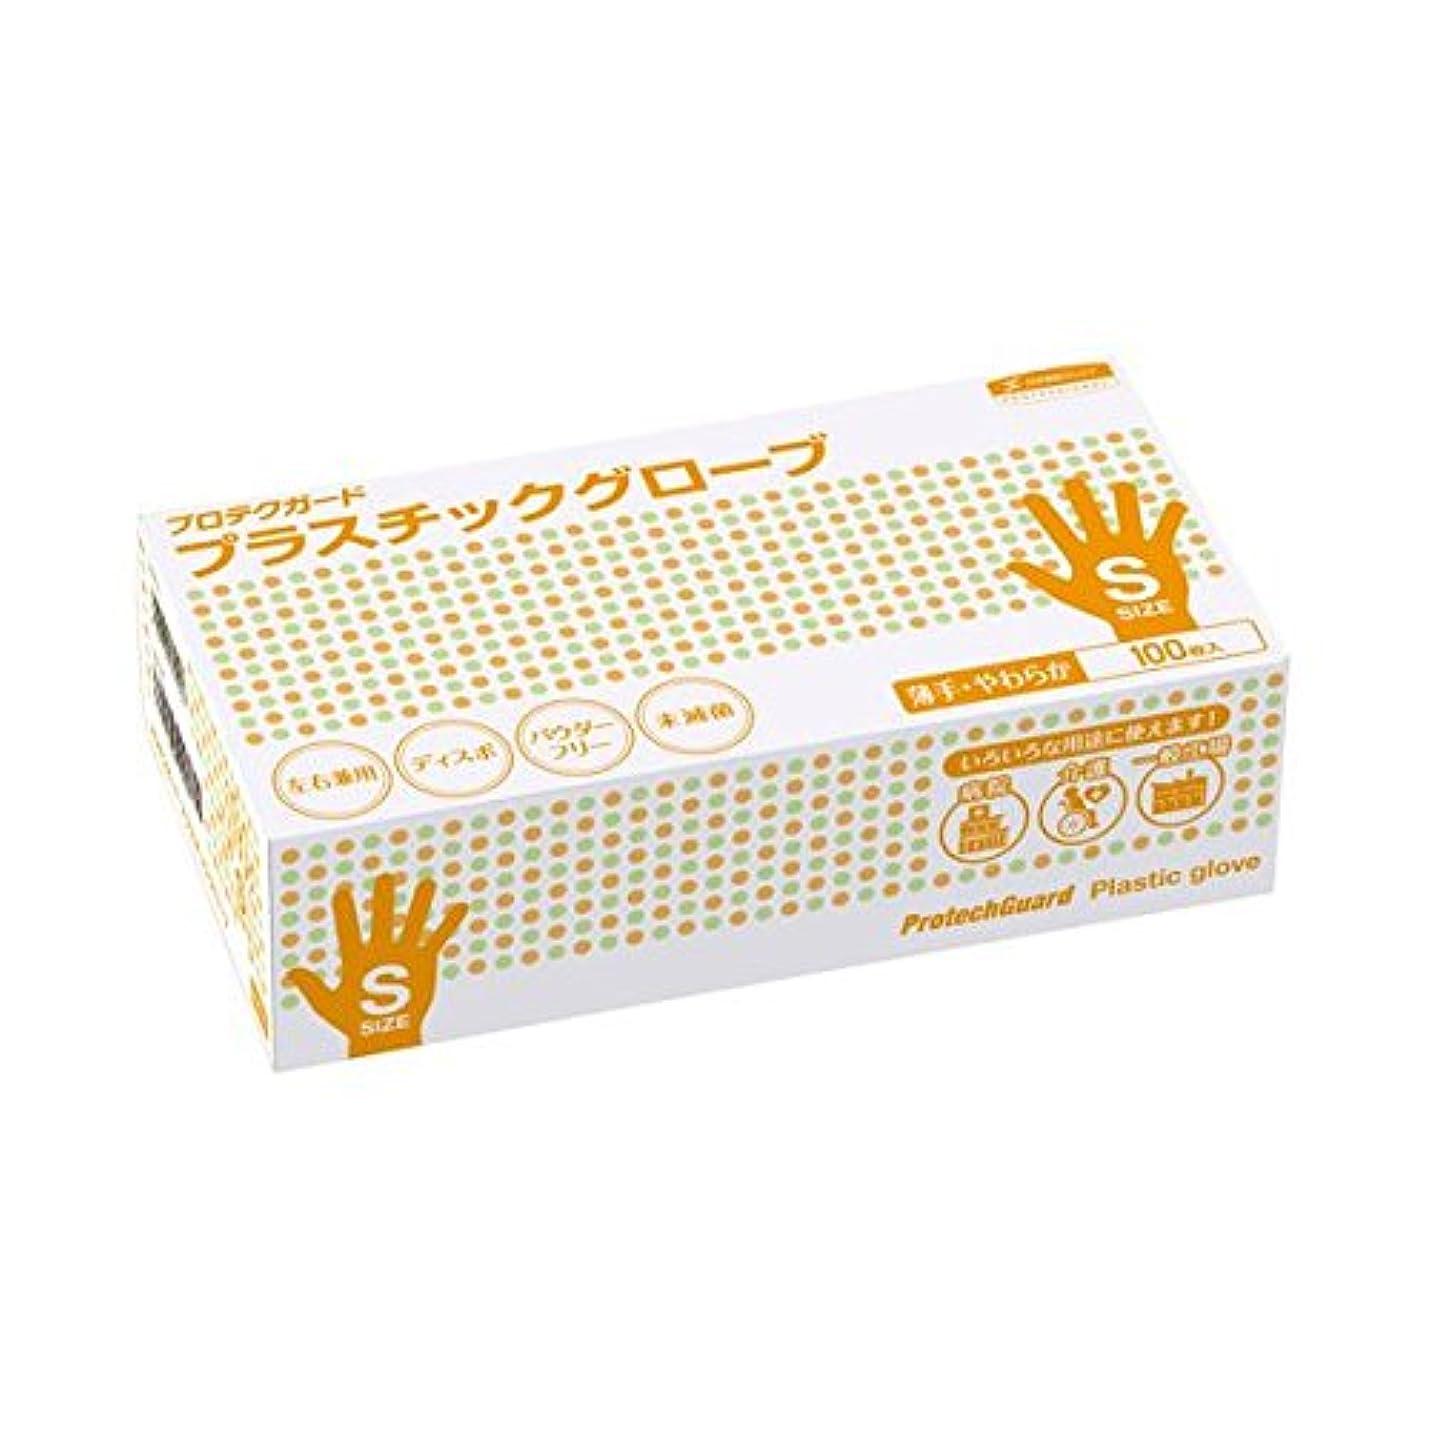 金属雇用者ミンチ日本製紙クレシア プロテクガード プラスチック Sサイズ ds-1915779